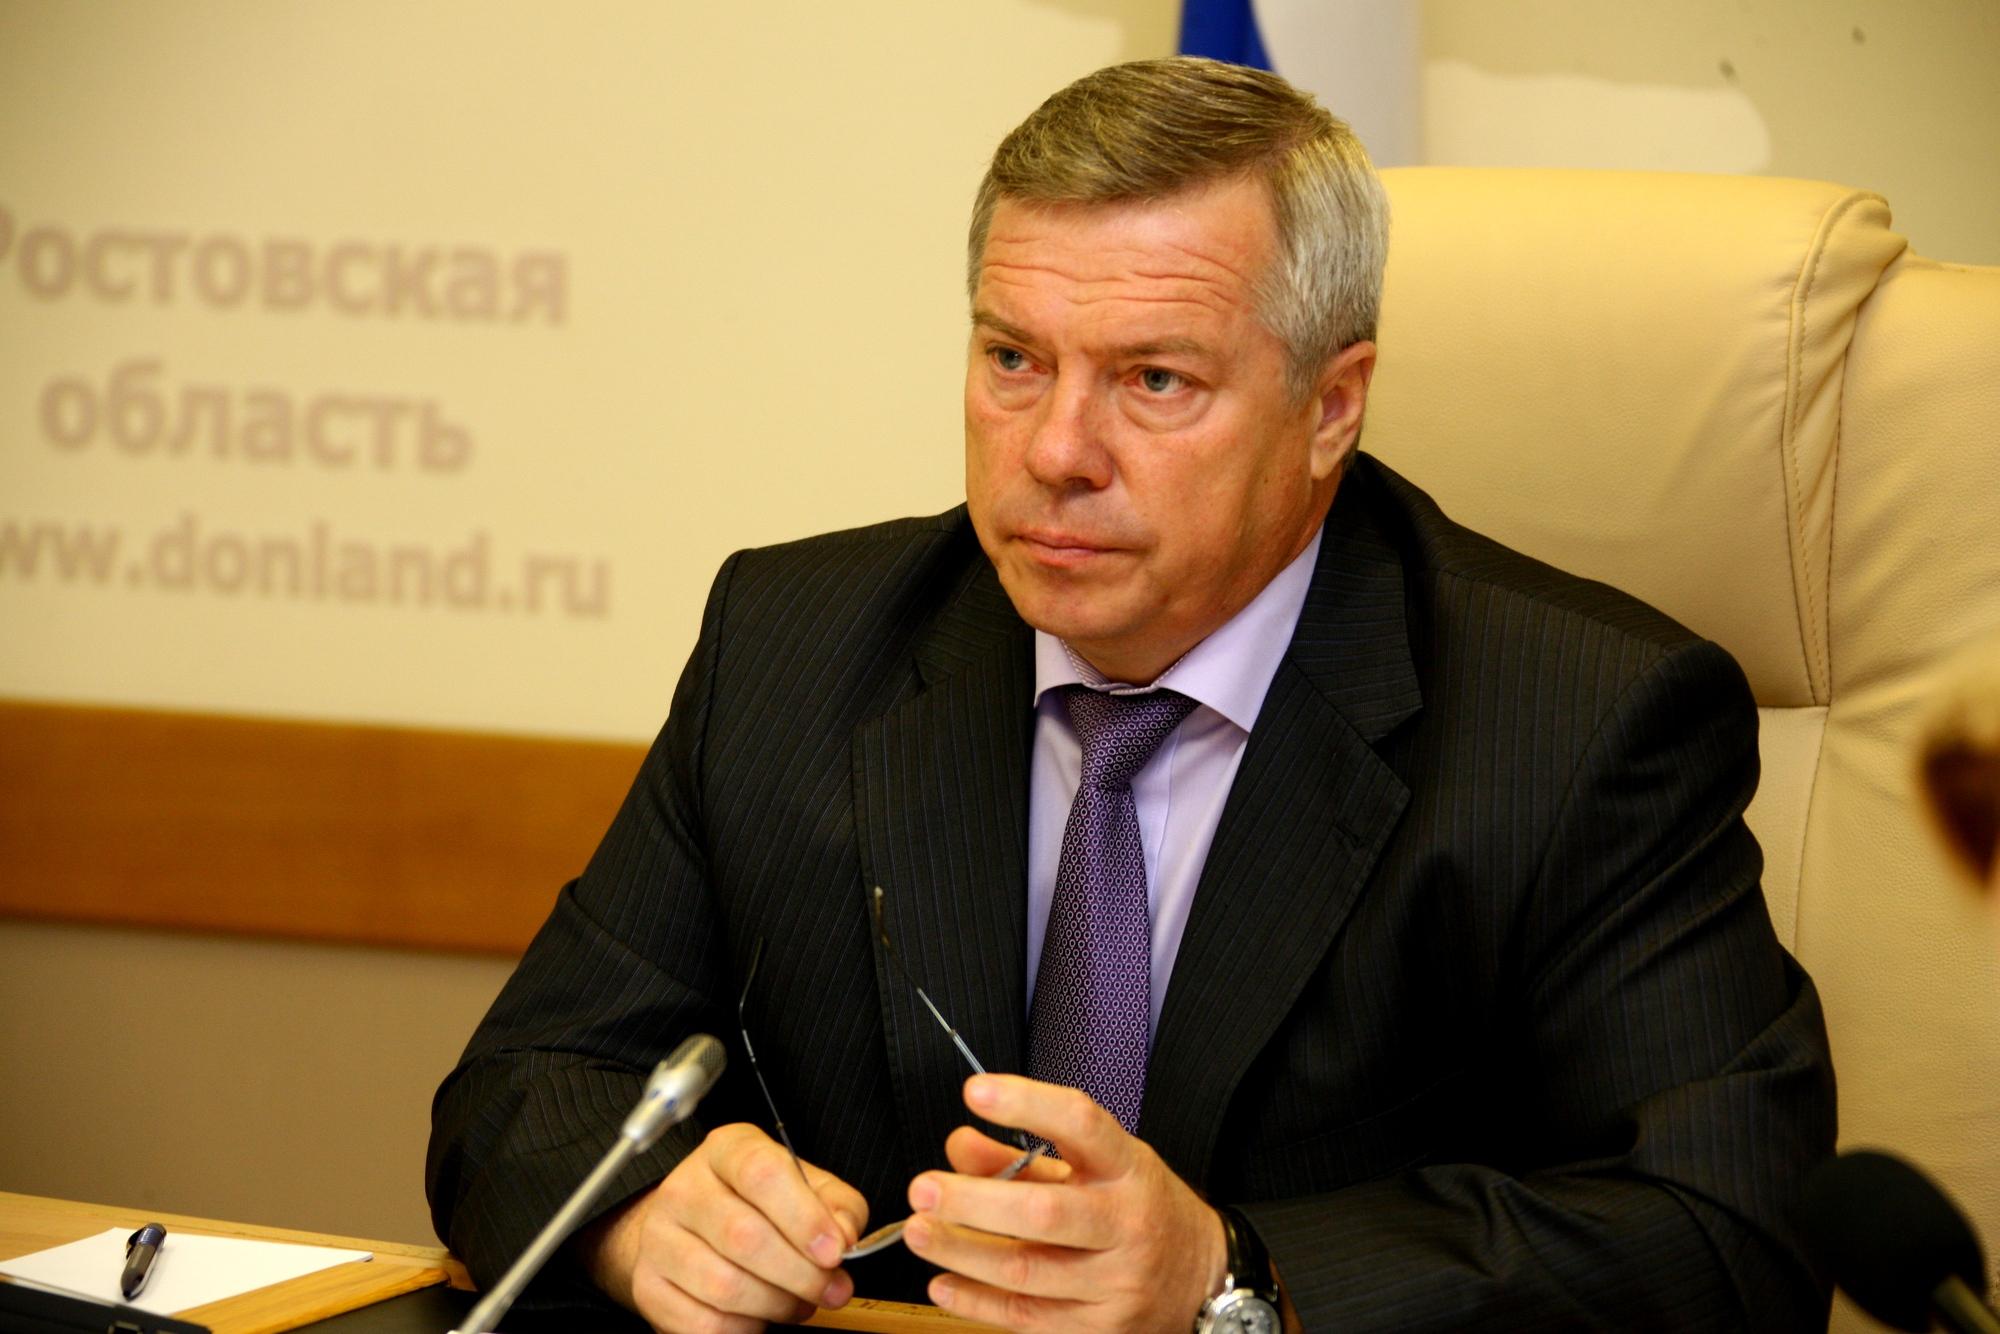 Губернатор с грин-картой Василий Голубев хорошо устроился